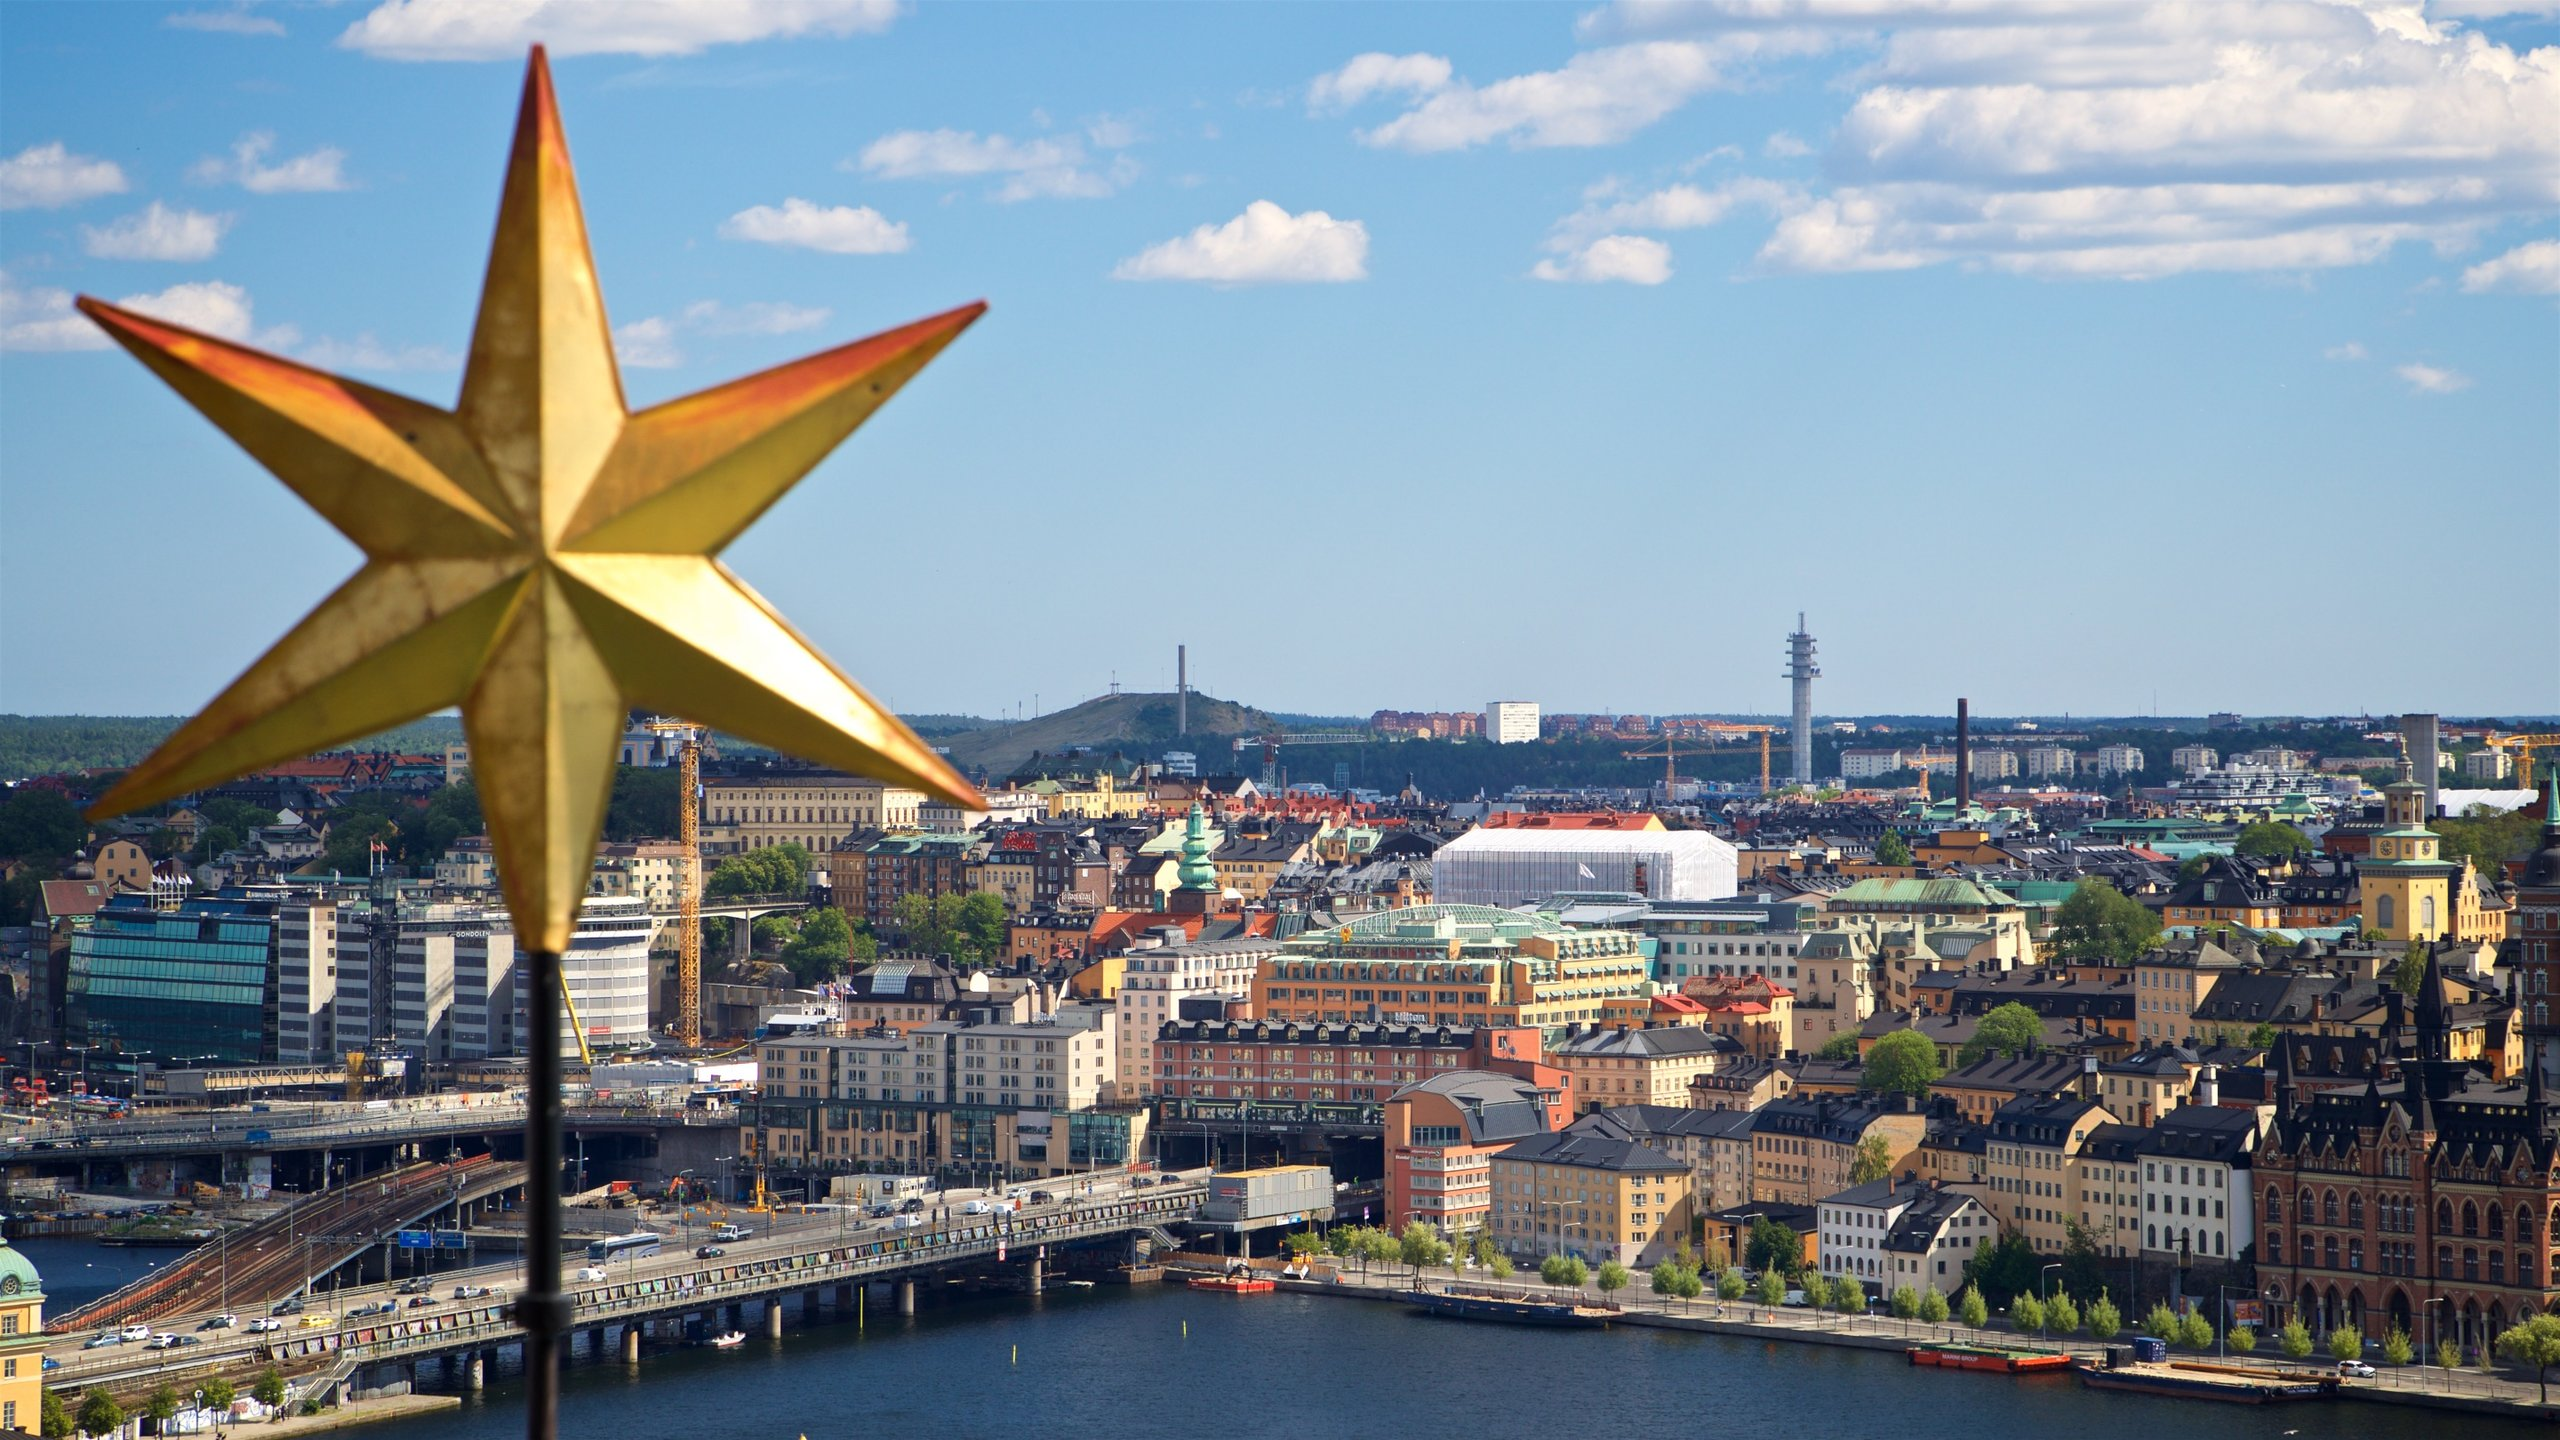 Stockholm City Hall, Stockholm, Stockholm County, Sweden